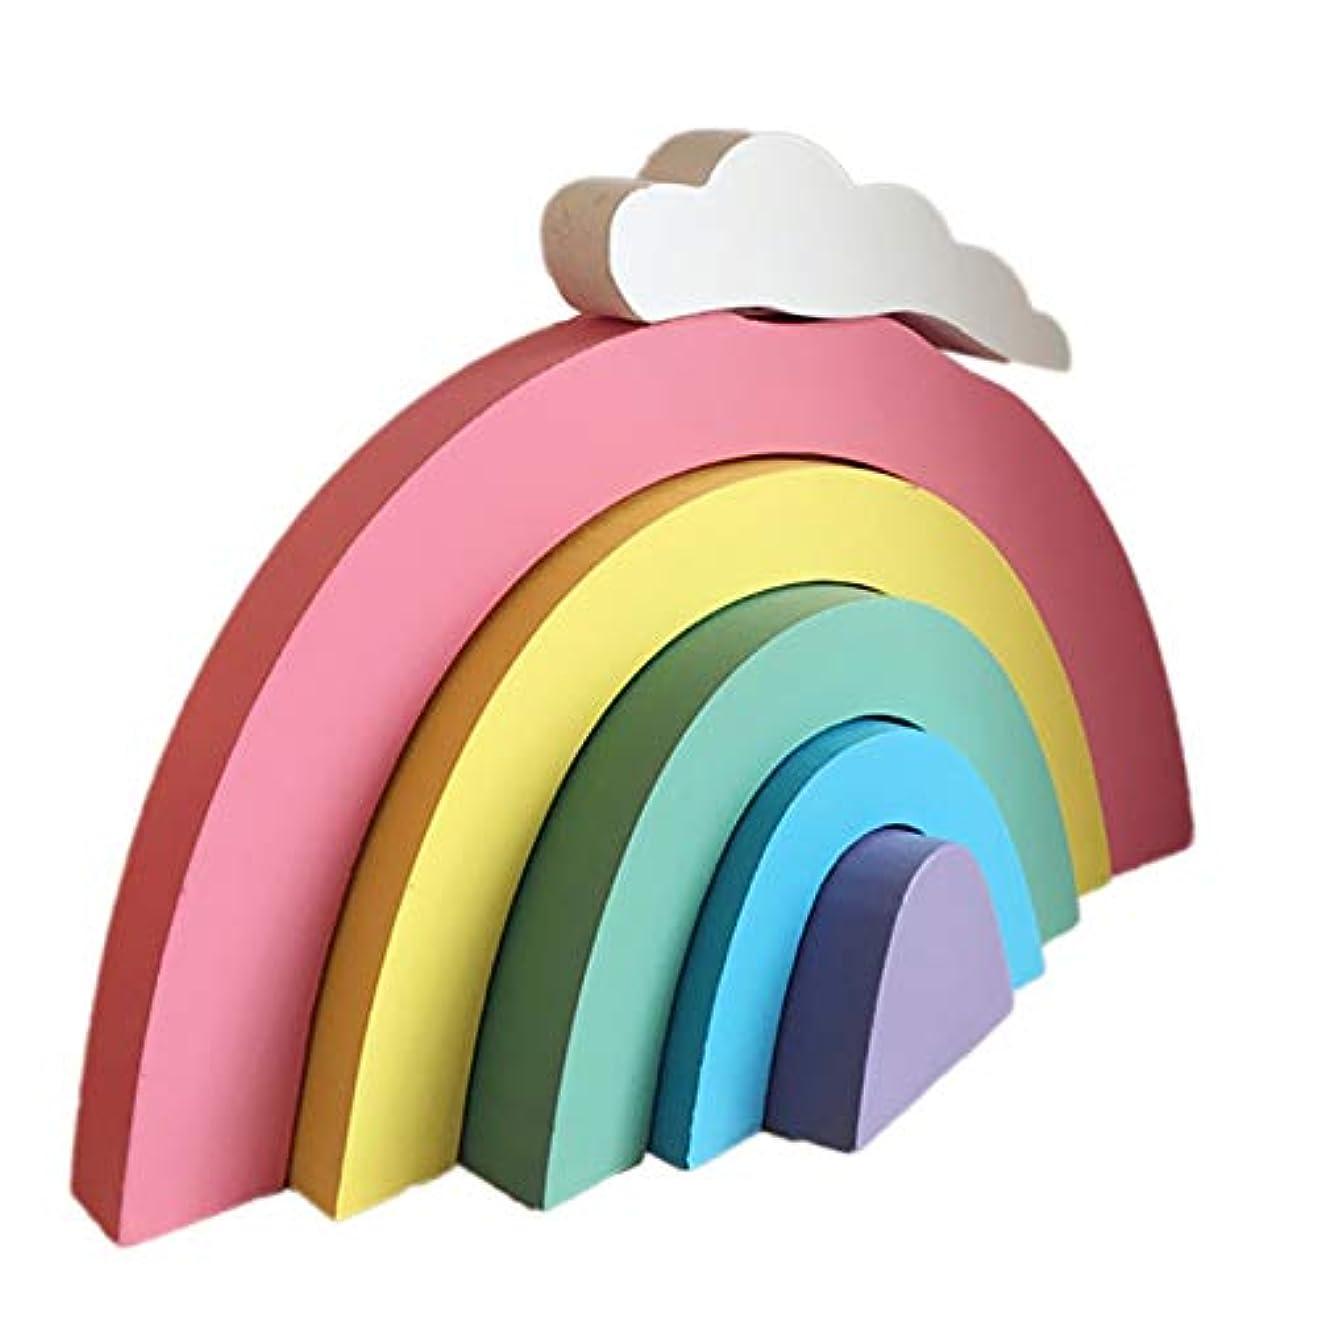 つらい論争的頭痛Tiamu 木製、レインボーのビルディングブロック、装飾、キッズルームの装飾品、オーナメント、ギフト、壁のベビー保育園飾り物(多色)